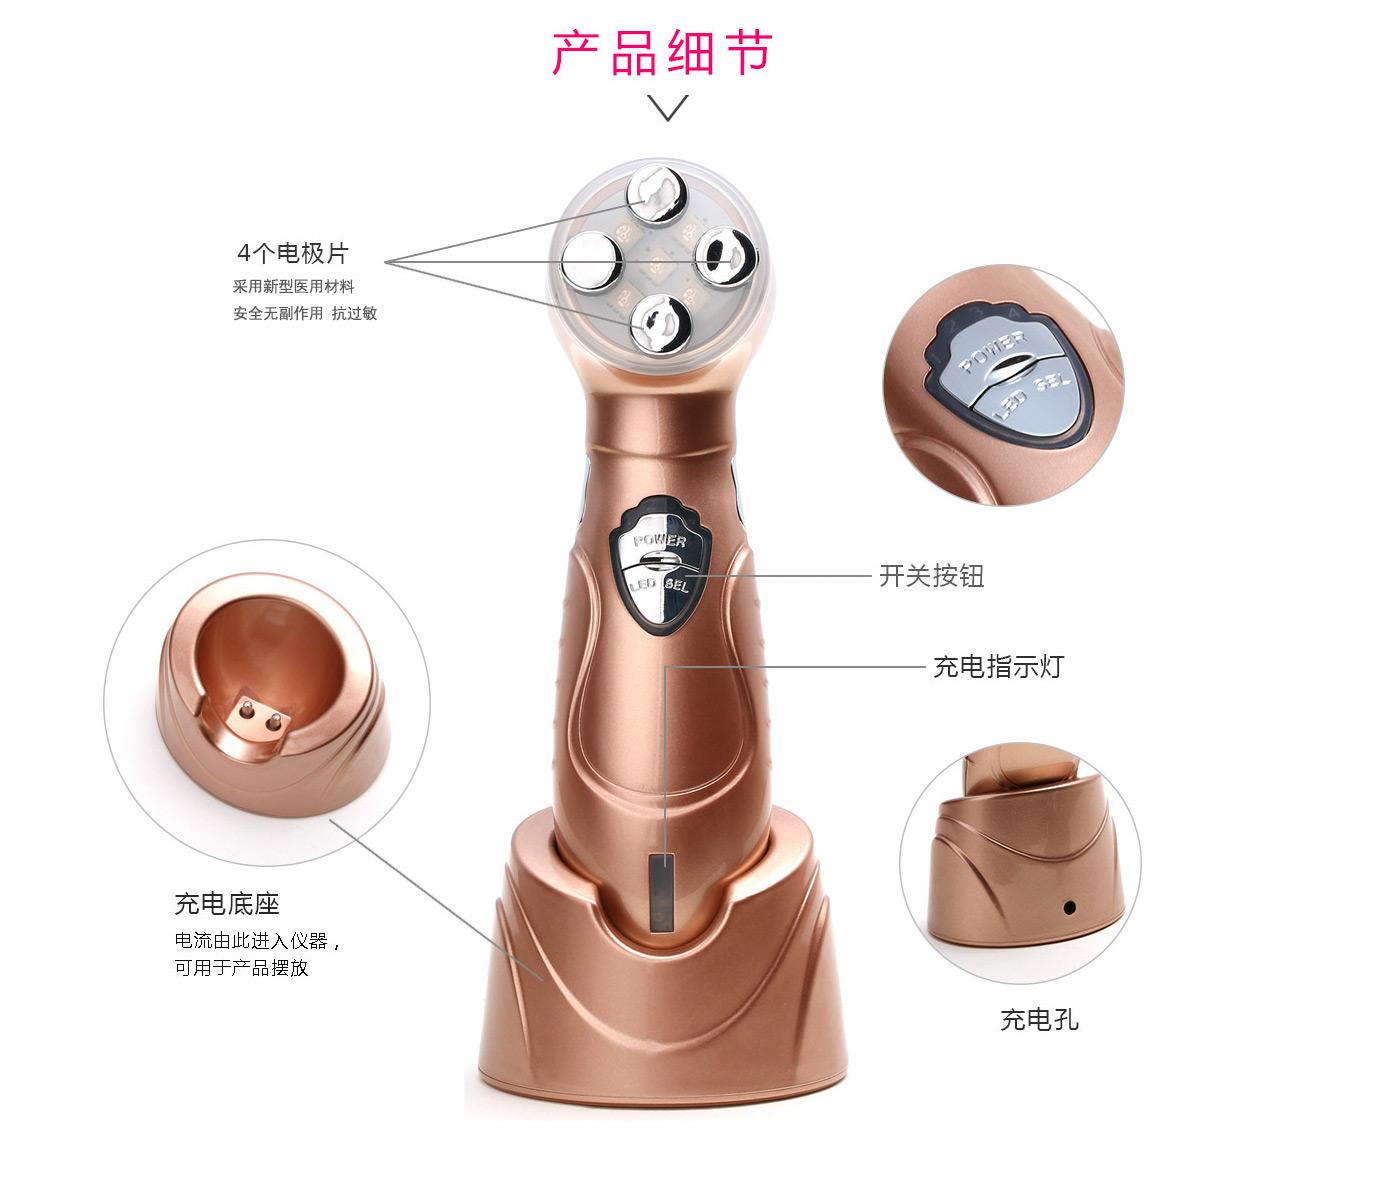 电穿孔导入导出彩光EMS美容仪 KAKUSAN KD-126